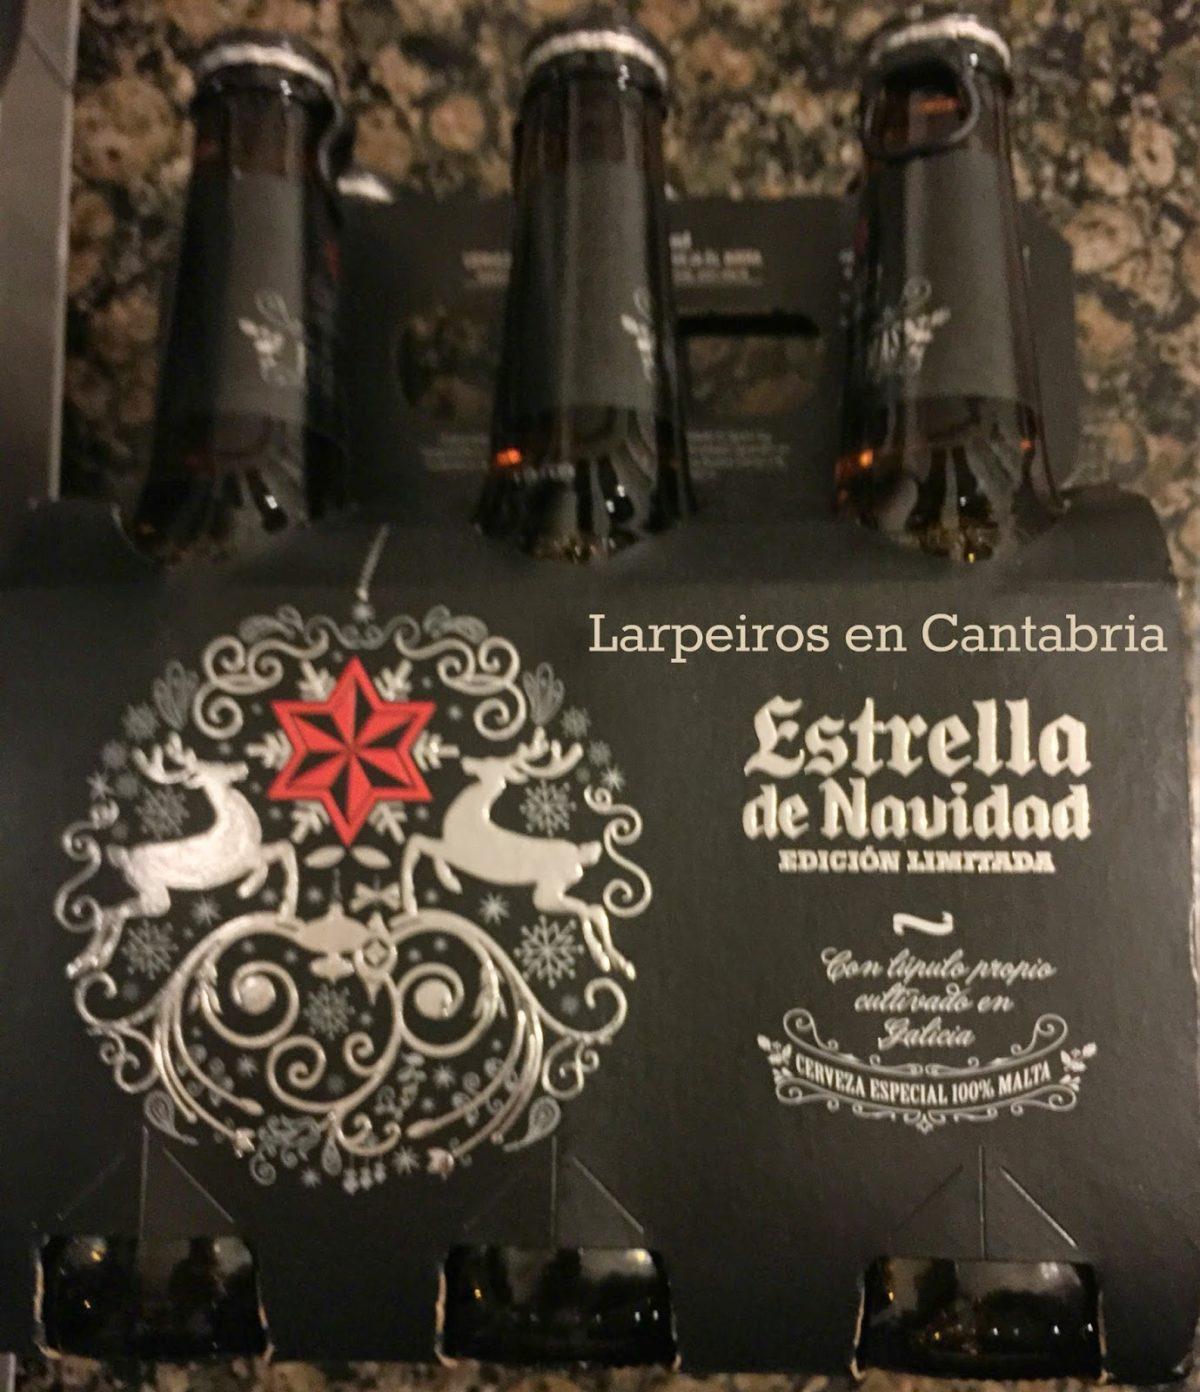 Cerveza Estrella Galicia de Navidad 2014: Vuelve a casa como el Turrón